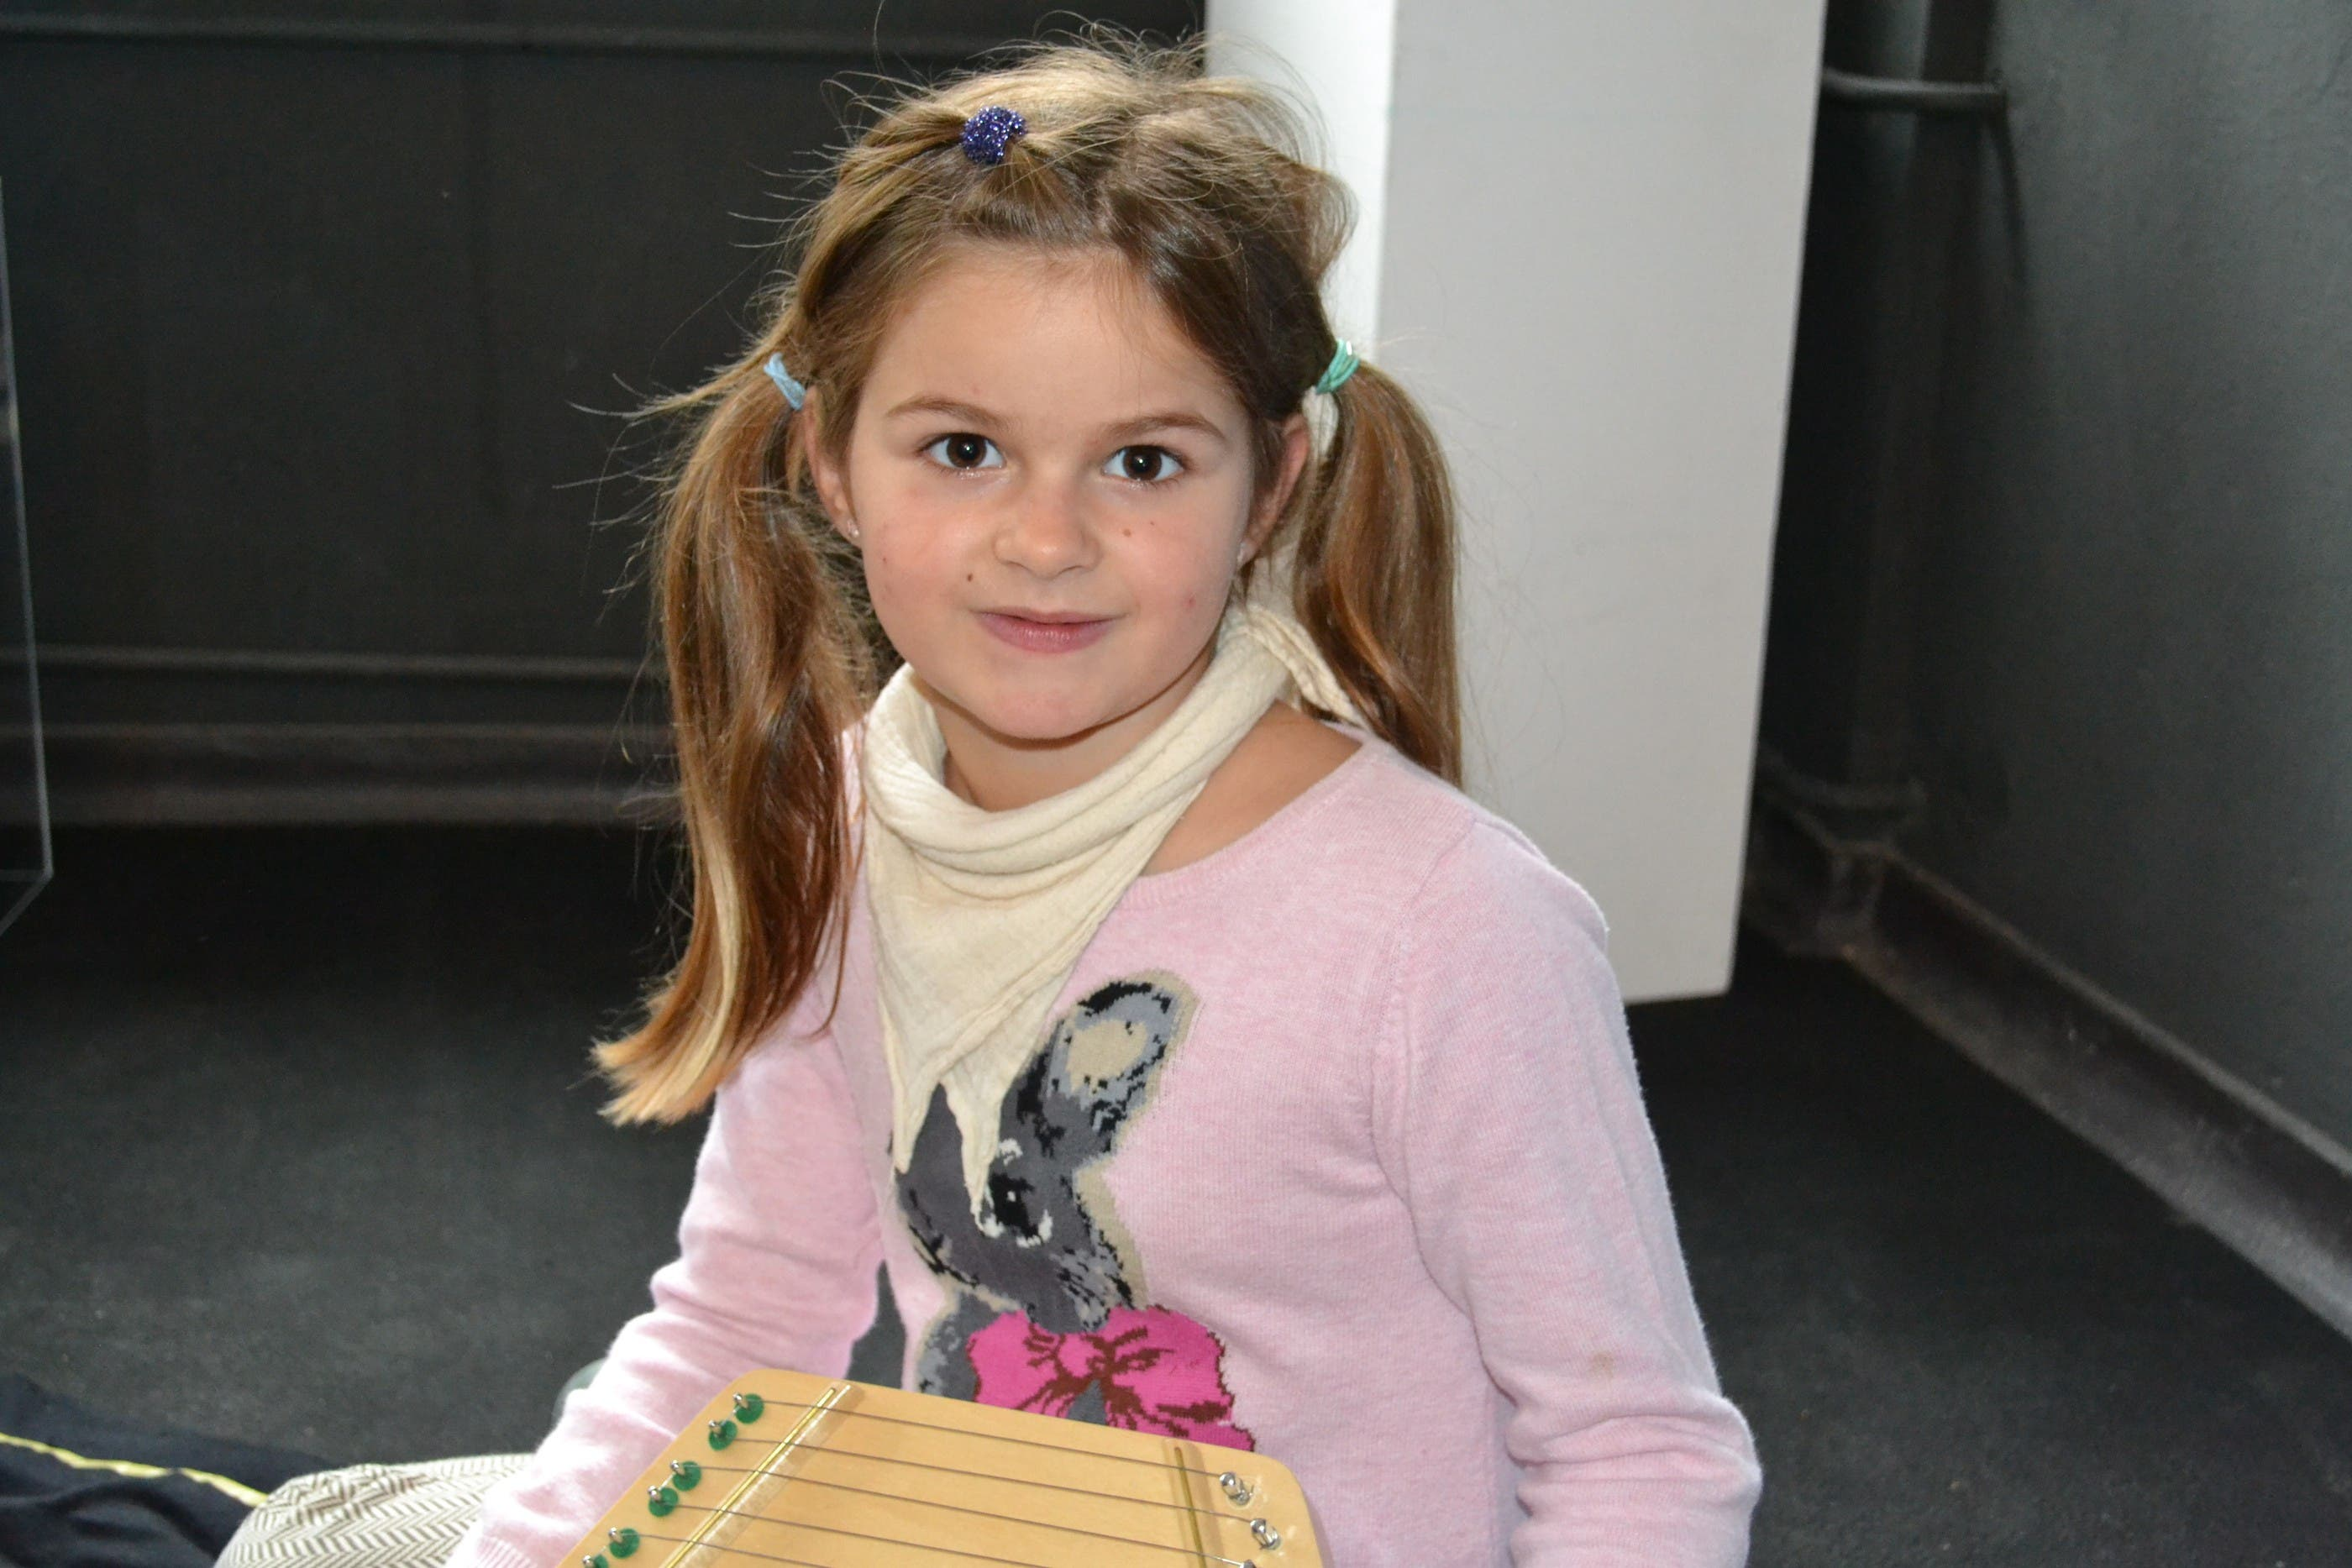 Selina (7) «Ich bin zum ersten Mal hier und finde es toll. Mir hat das Kneten grossen Spass gemacht. Ich bin aber auch froh, dass es viele Pausen gibt. So habe ich die Möglichkeit, andere Spiele auszuprobieren. Musizieren tue ich sehr gerne. Mein Lieblingsinstrument ist die Harfe.»